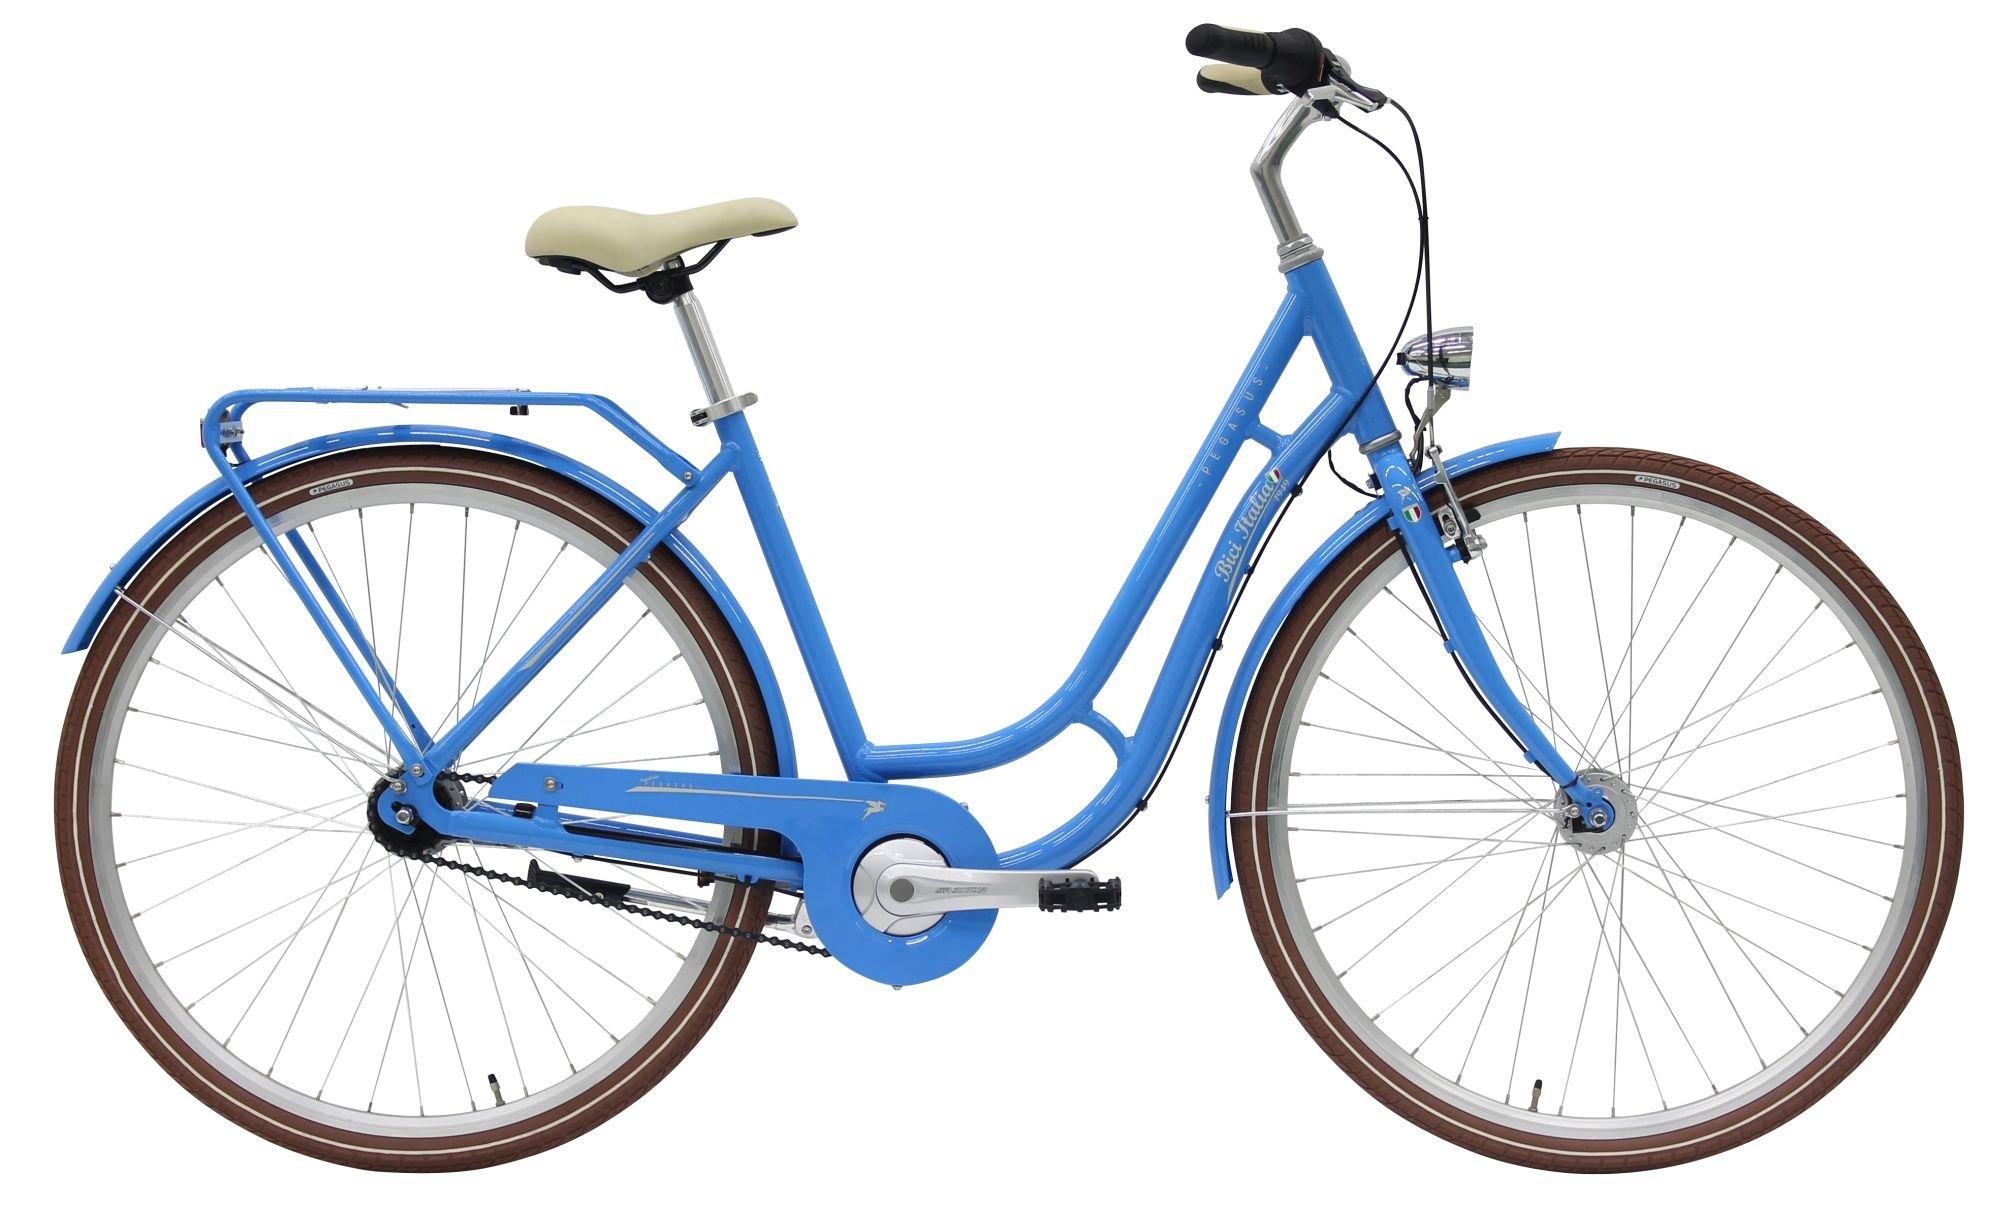 Pegasus Bici Italia 1949, 3 Gang Nabenschaltung, Damenfahrrad, Touren, Modell 2019, 28 Zoll